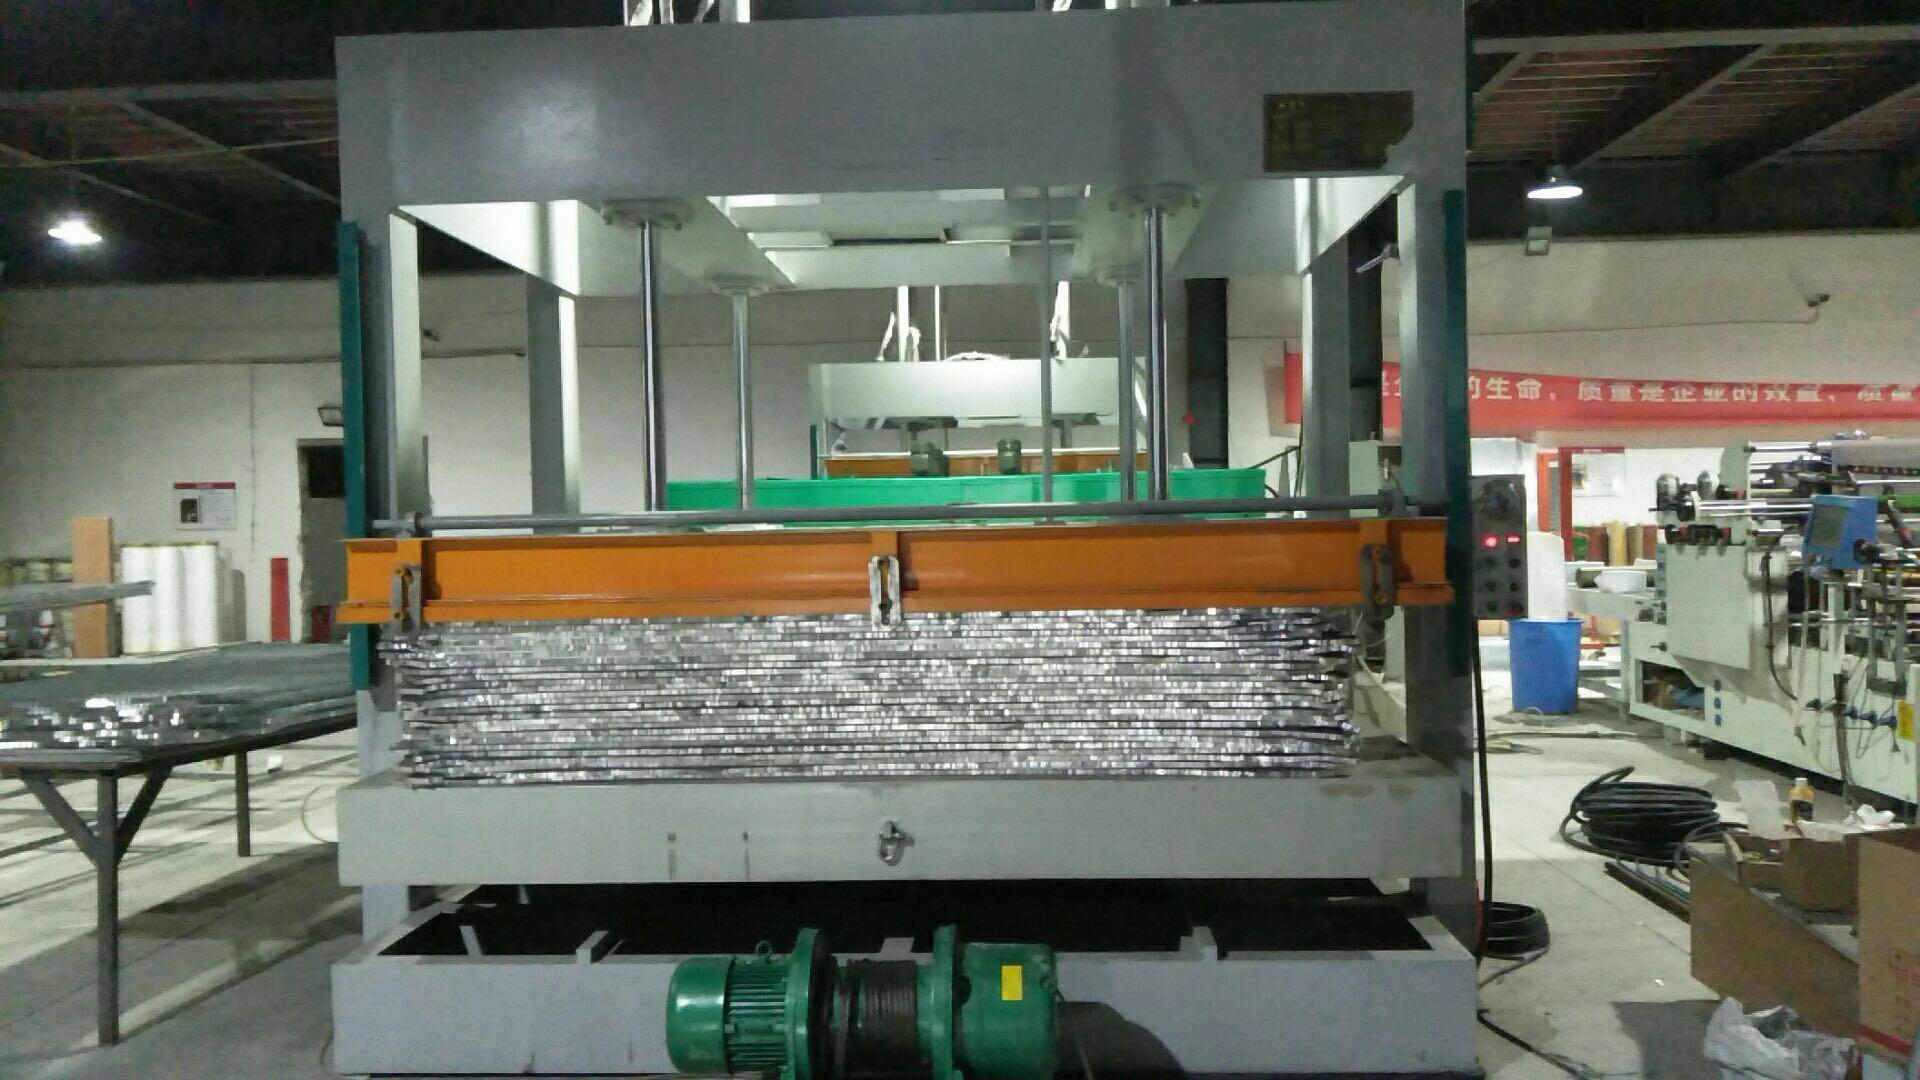 亨力特hlt3248-120t貼木皮熱壓機,木工家具貼面熱壓機尺寸,非標可以定制示例圖29